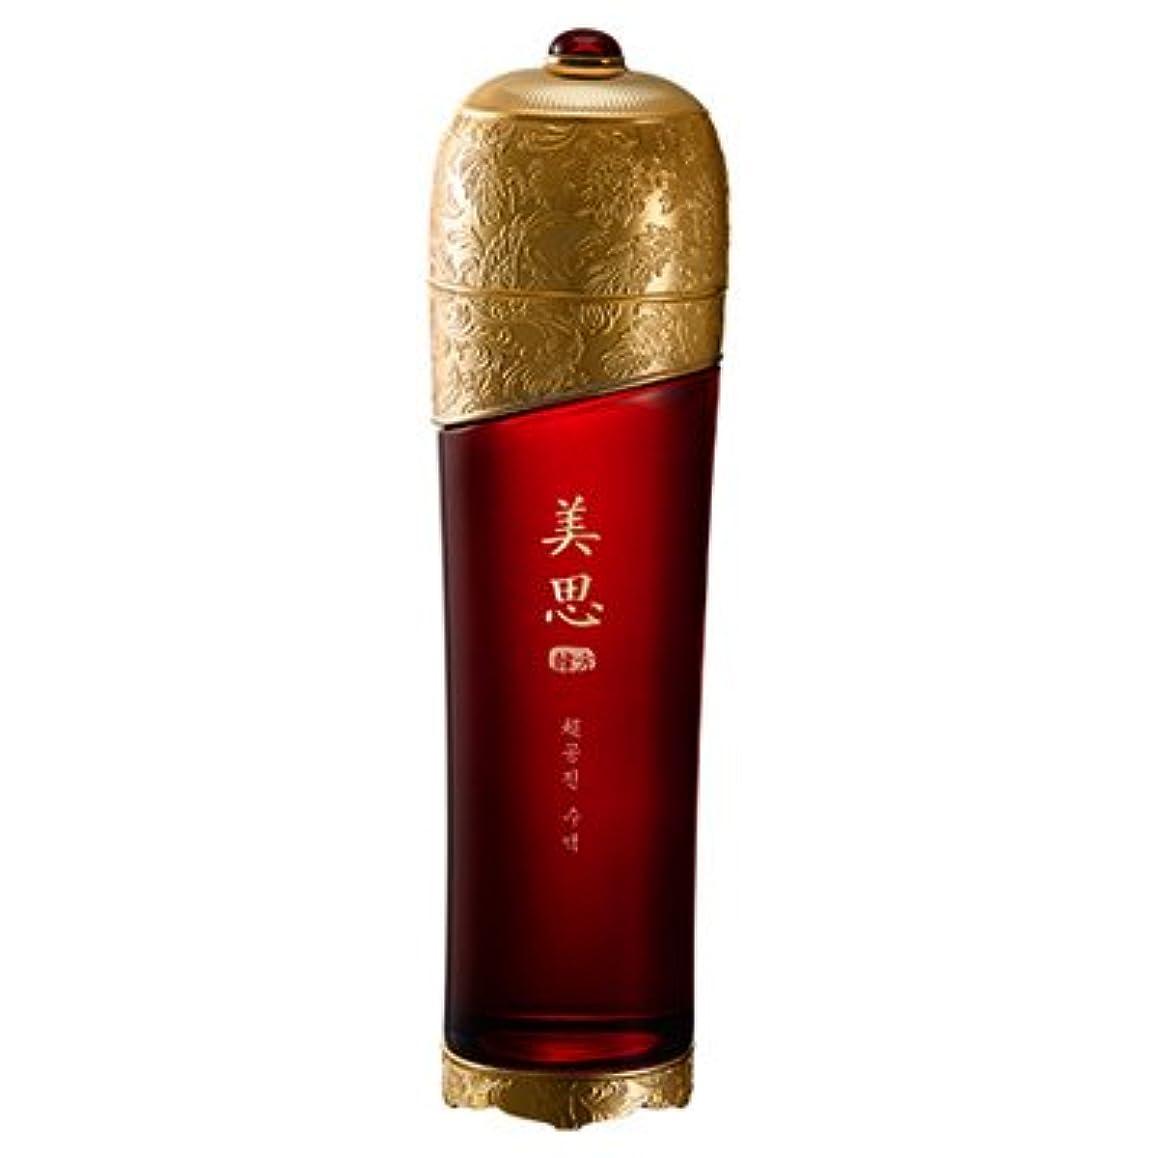 不快な繊維質素なミシャ(MISSHA) チョゴンジン 150ml[並行輸入品]